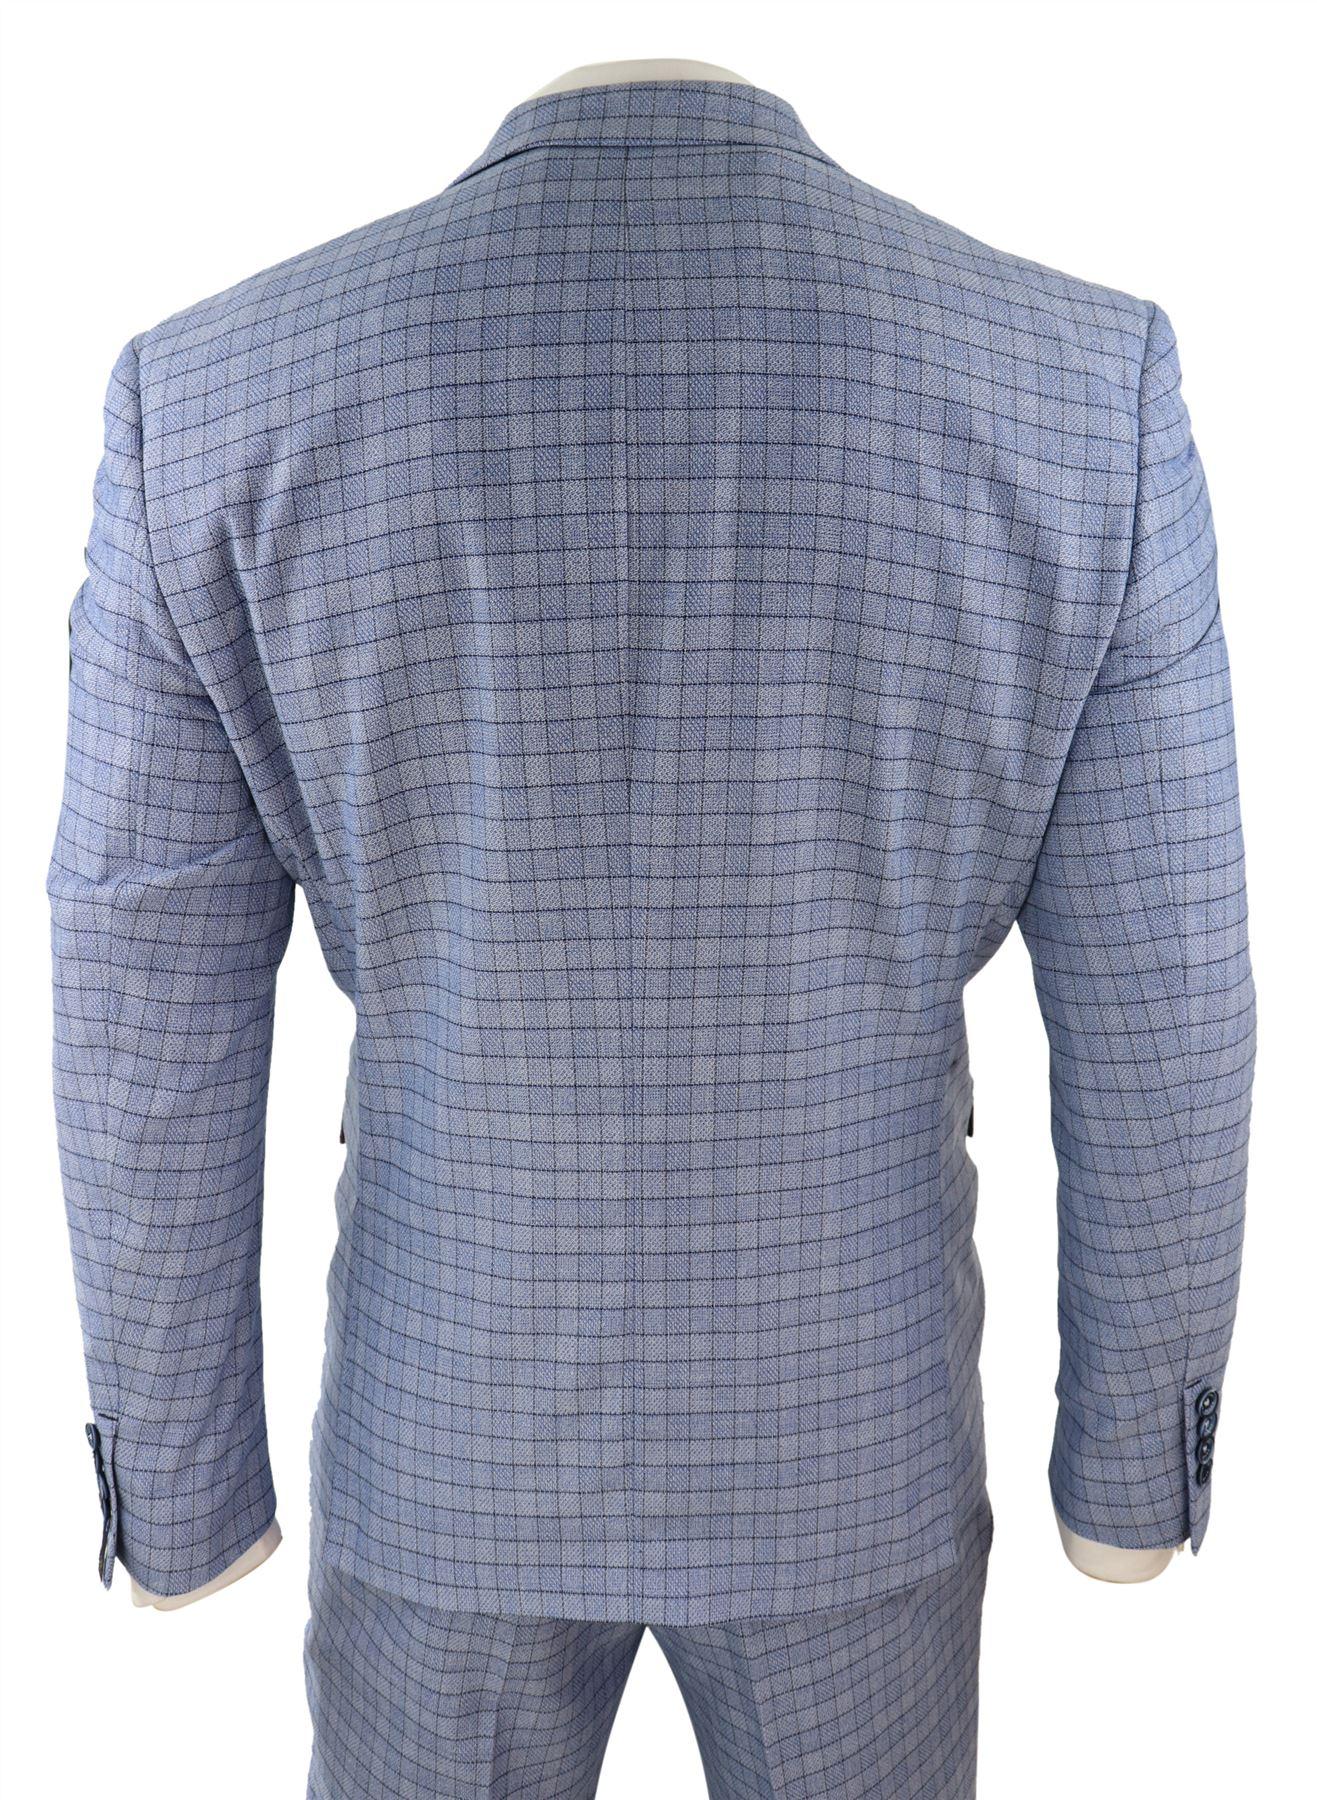 Herrenanzug 3 Teilig Blau Himmelblau Tweed Fischgräte Design Klassisch